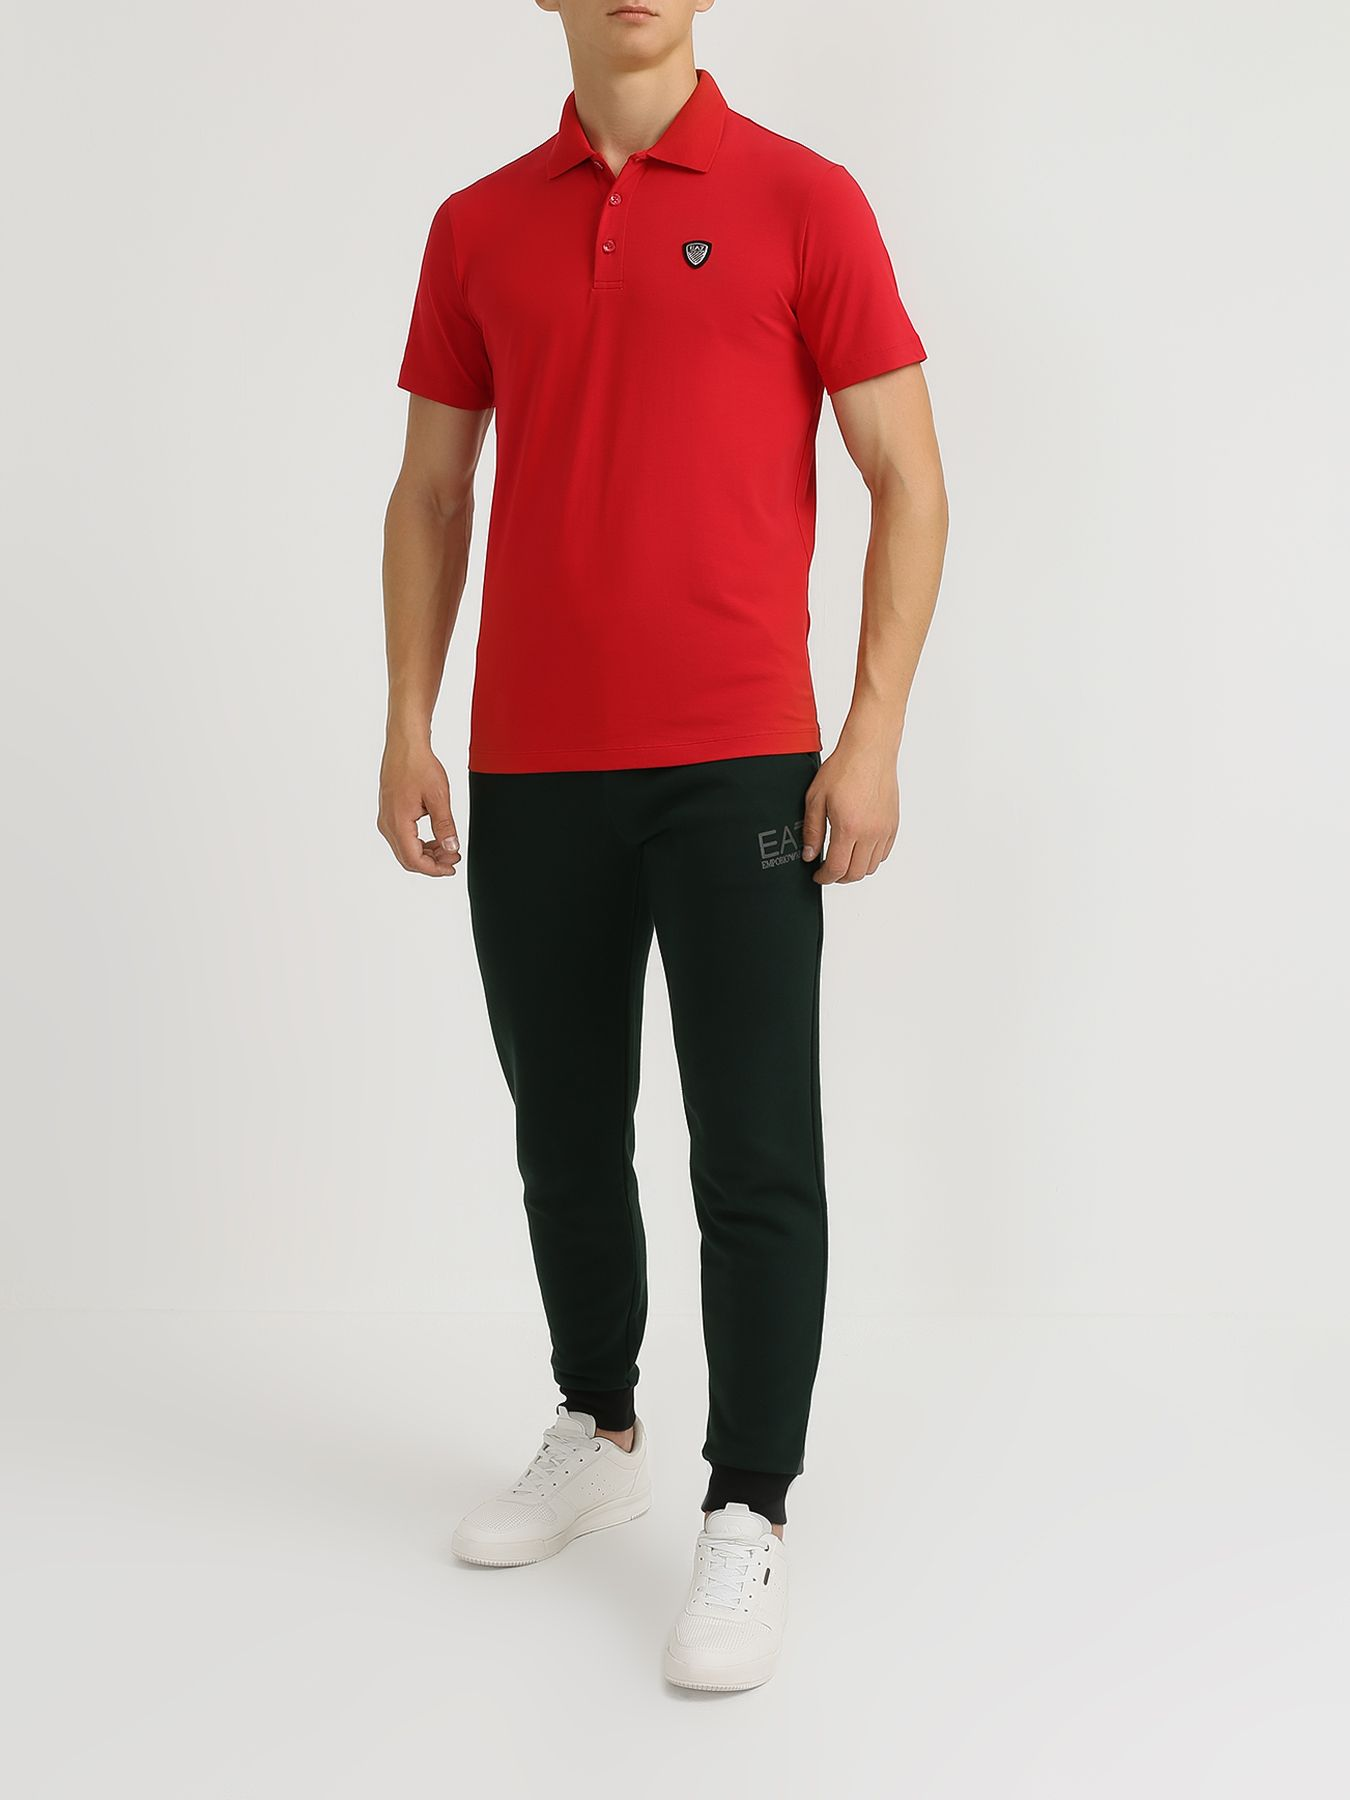 Рубашка поло EA7 Emporio Armani Поло